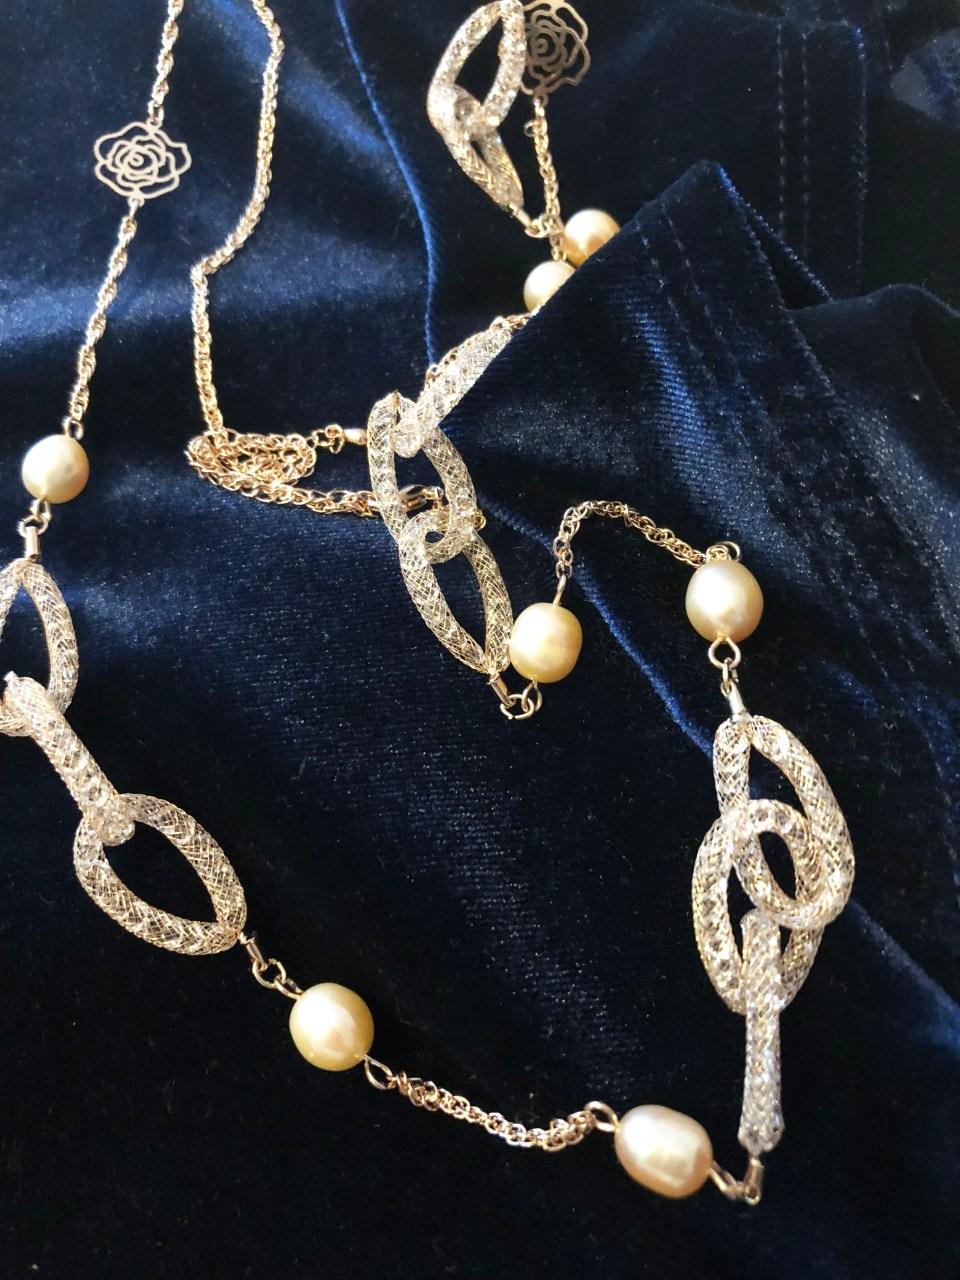 Embellished Necklace + Blue Velvet Top 1